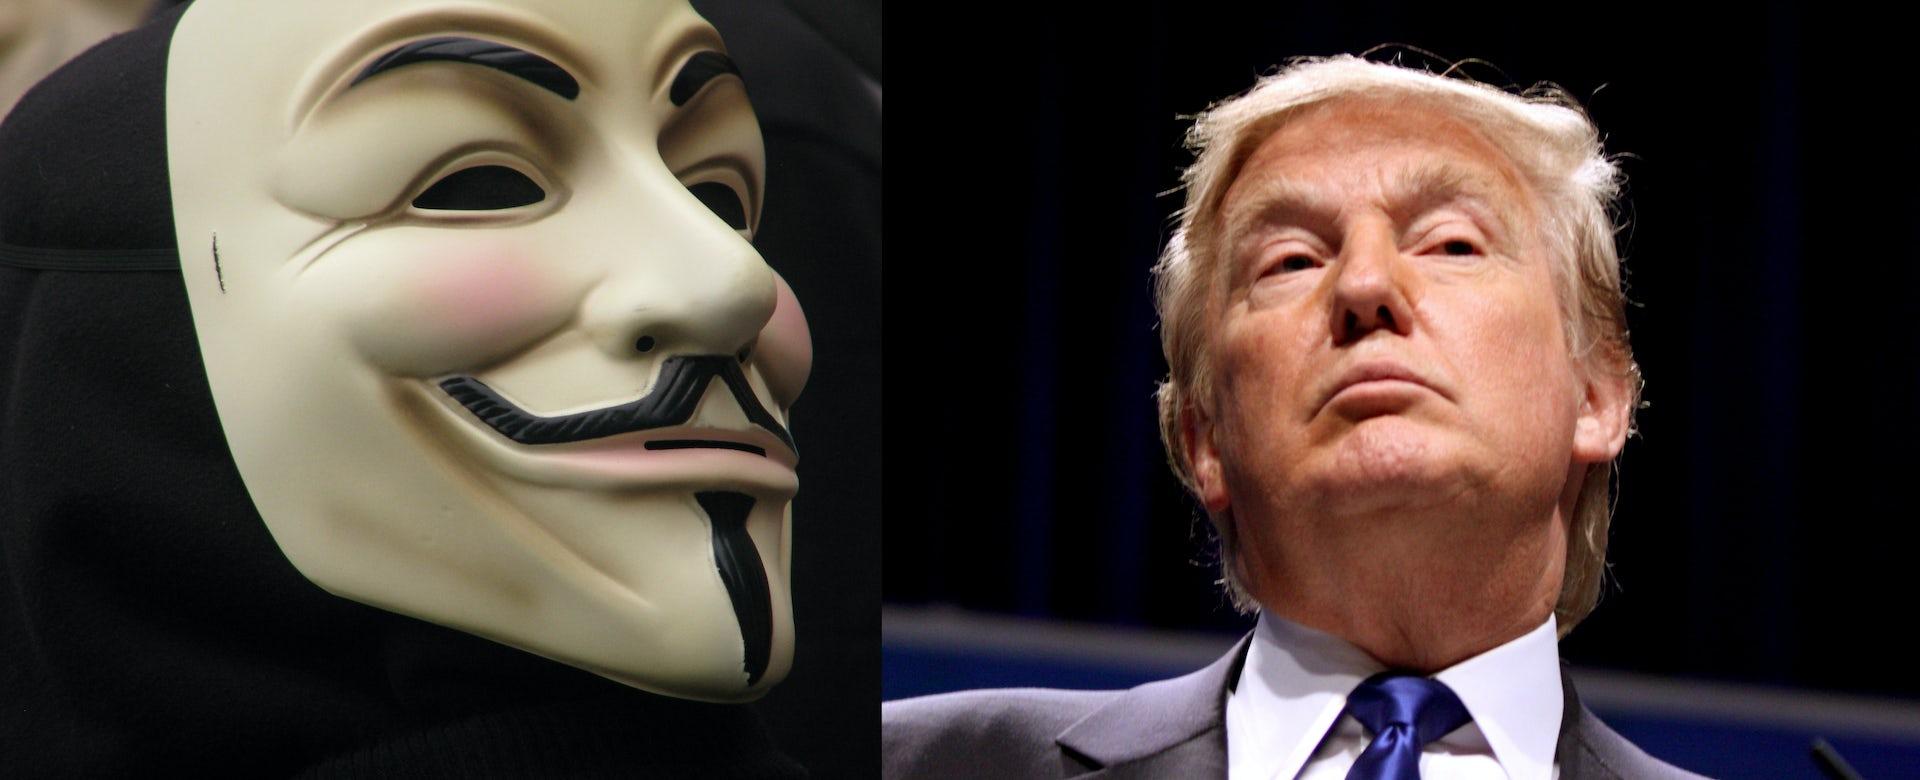 photograph regarding Donald Trump Mask Printable named How Nameless hacked Donald Trump